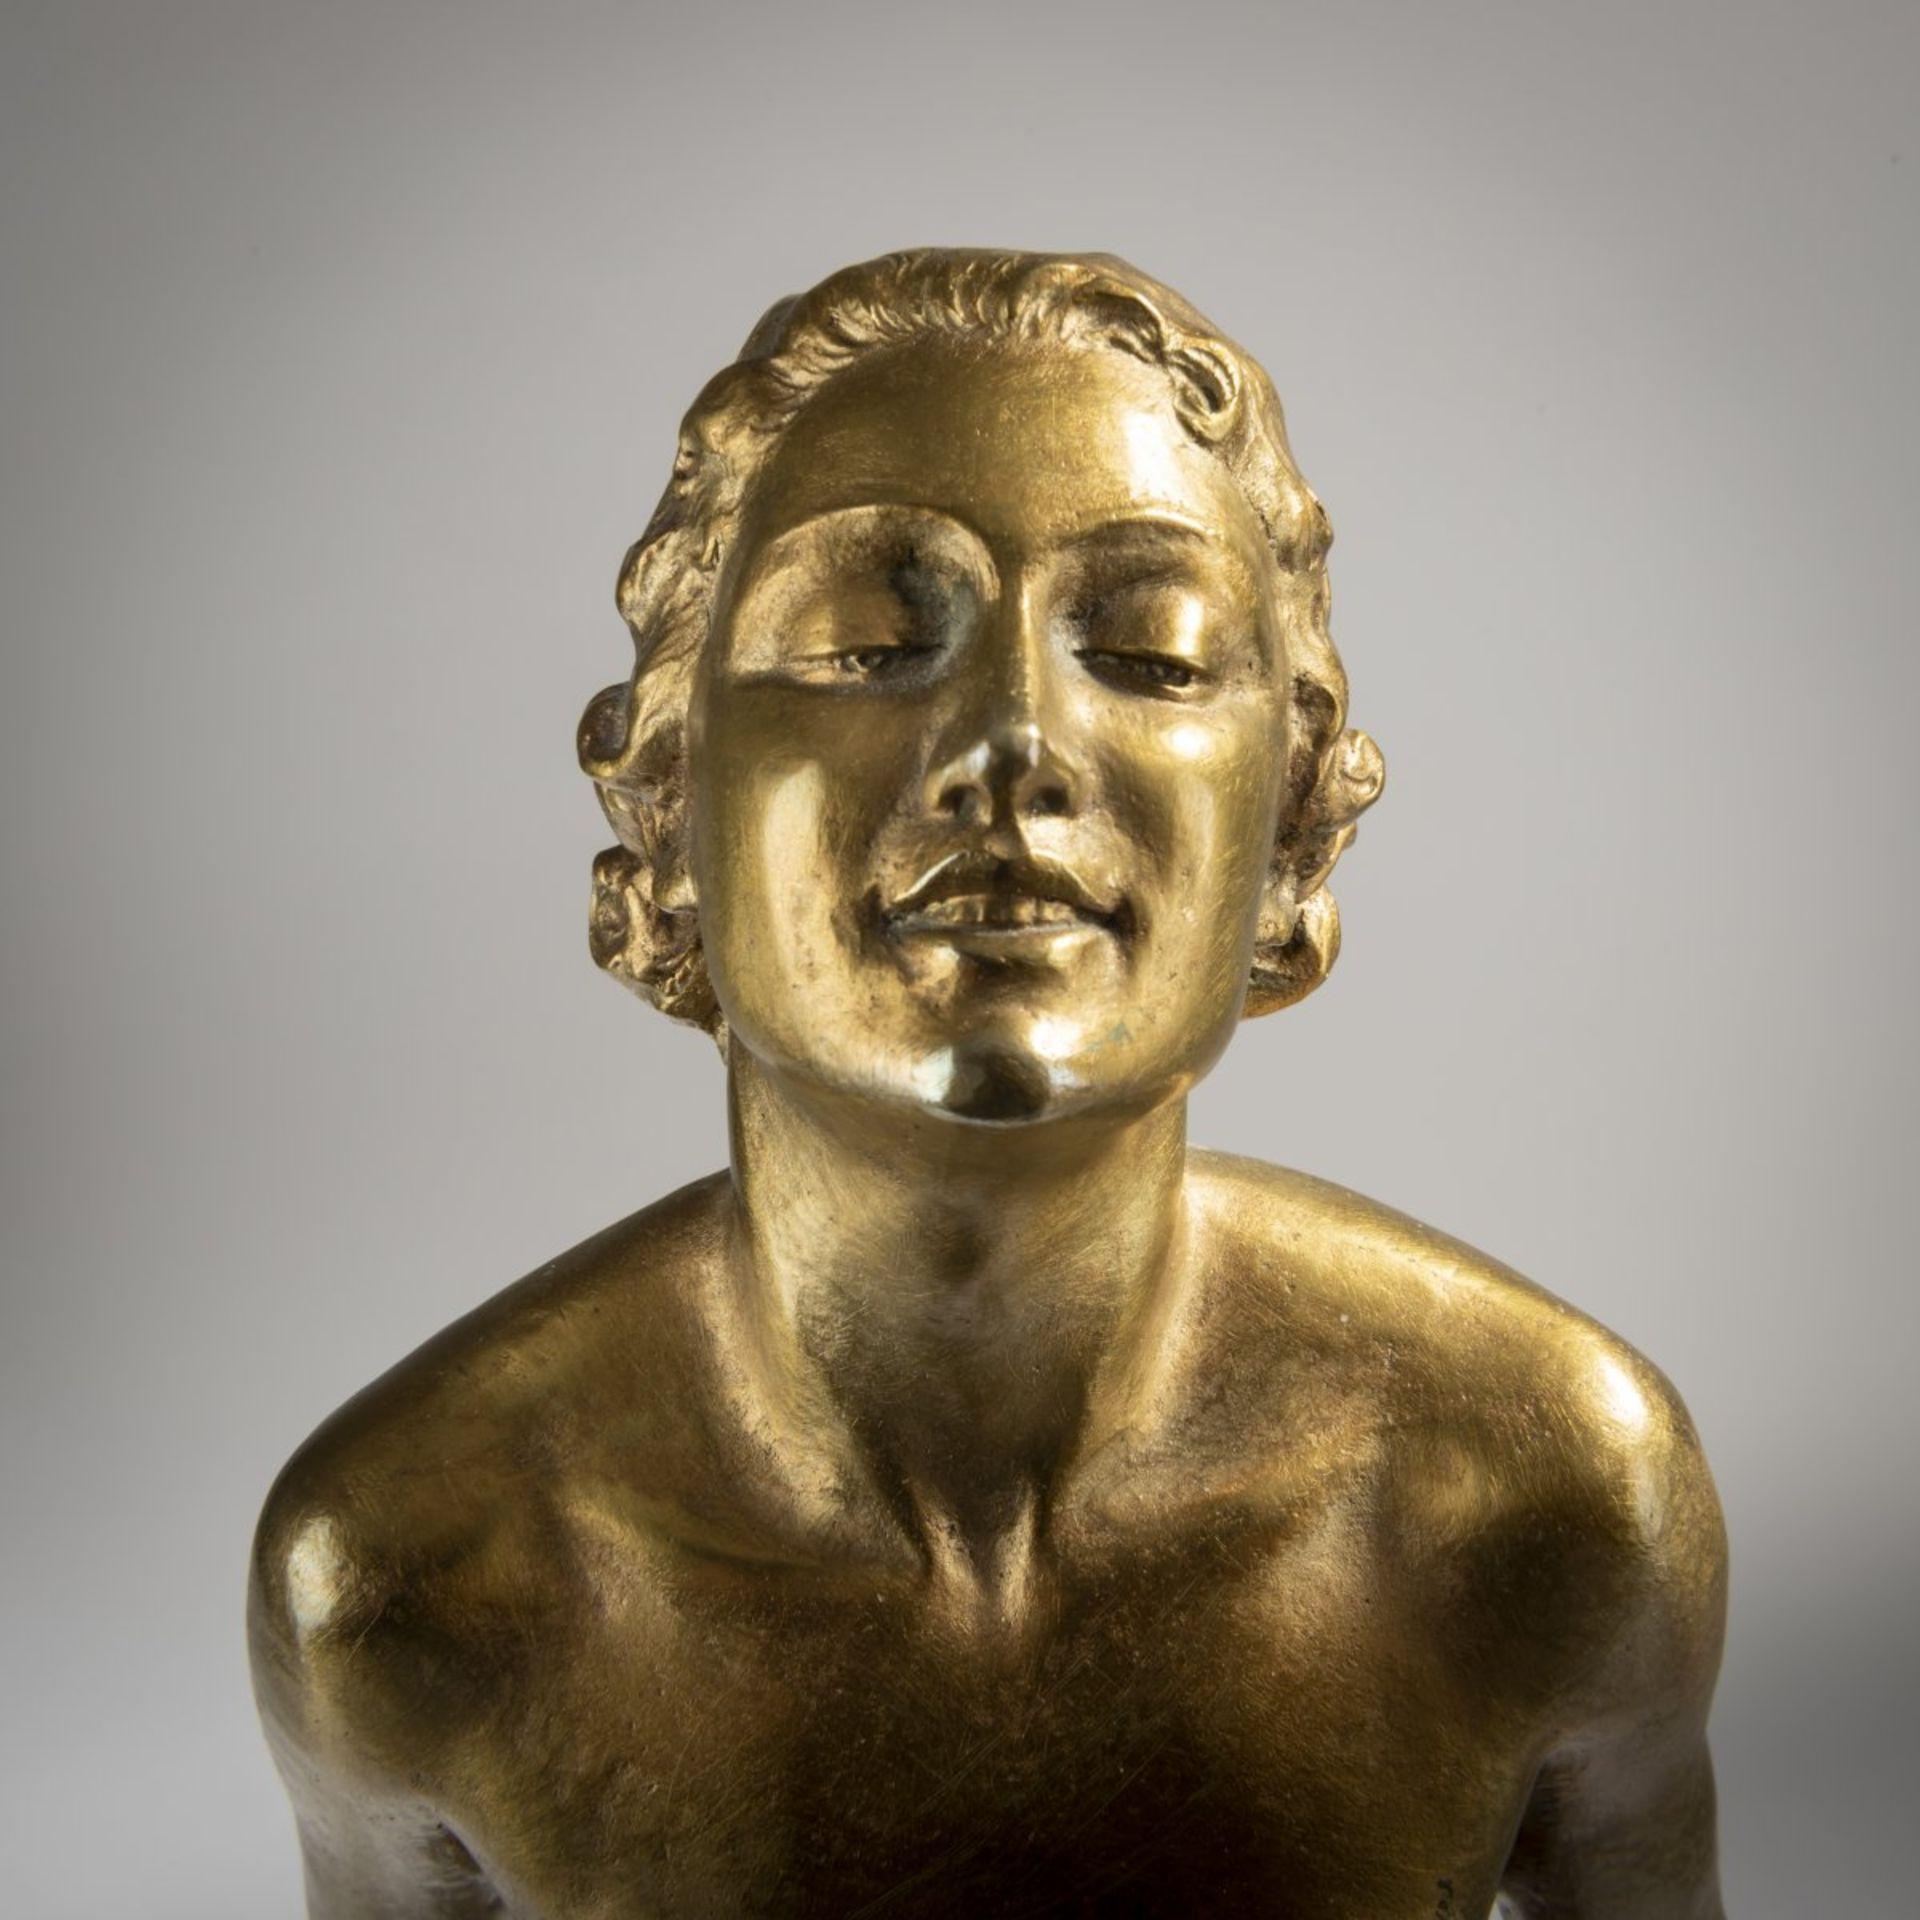 Ferdinand Preiss, 'Frühlingssonne', nach 1940 - Bild 2 aus 12